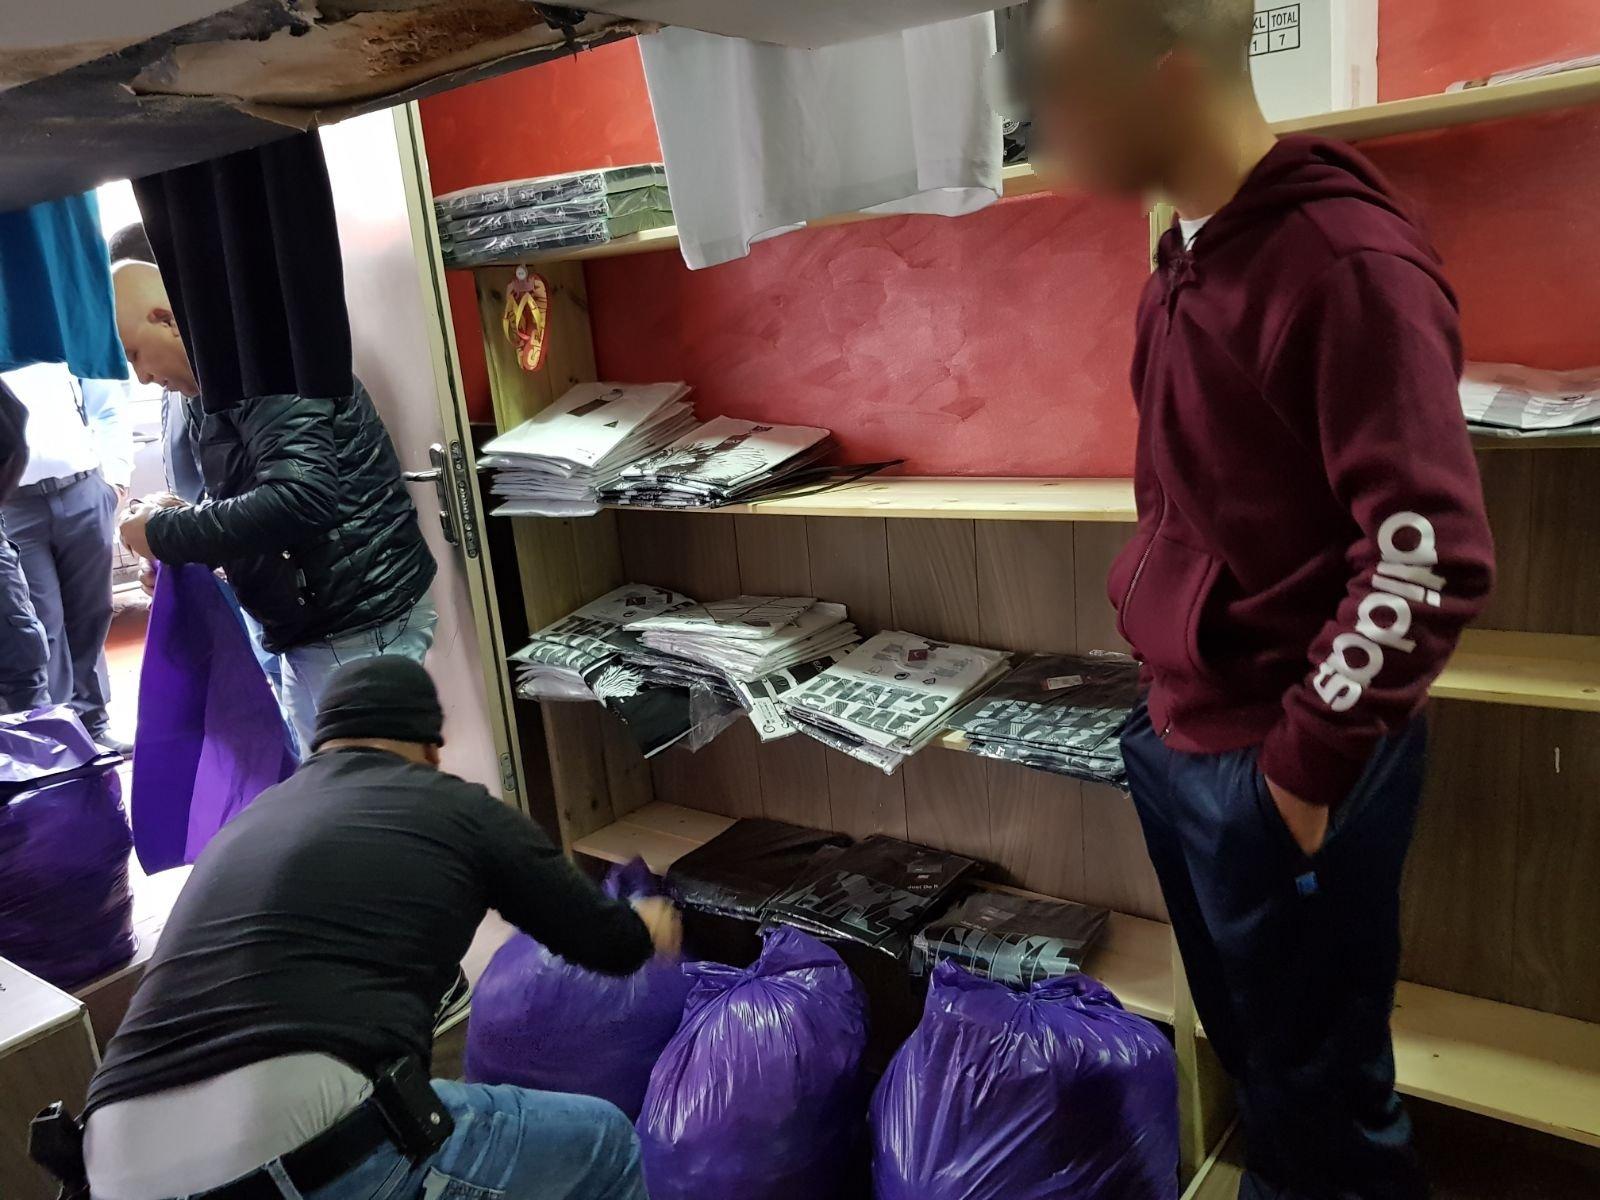 كفر مندا: ضبط ملبوسات ماركتها مزيفة بقيمة 450 ألف شيكل واعتقال رجل